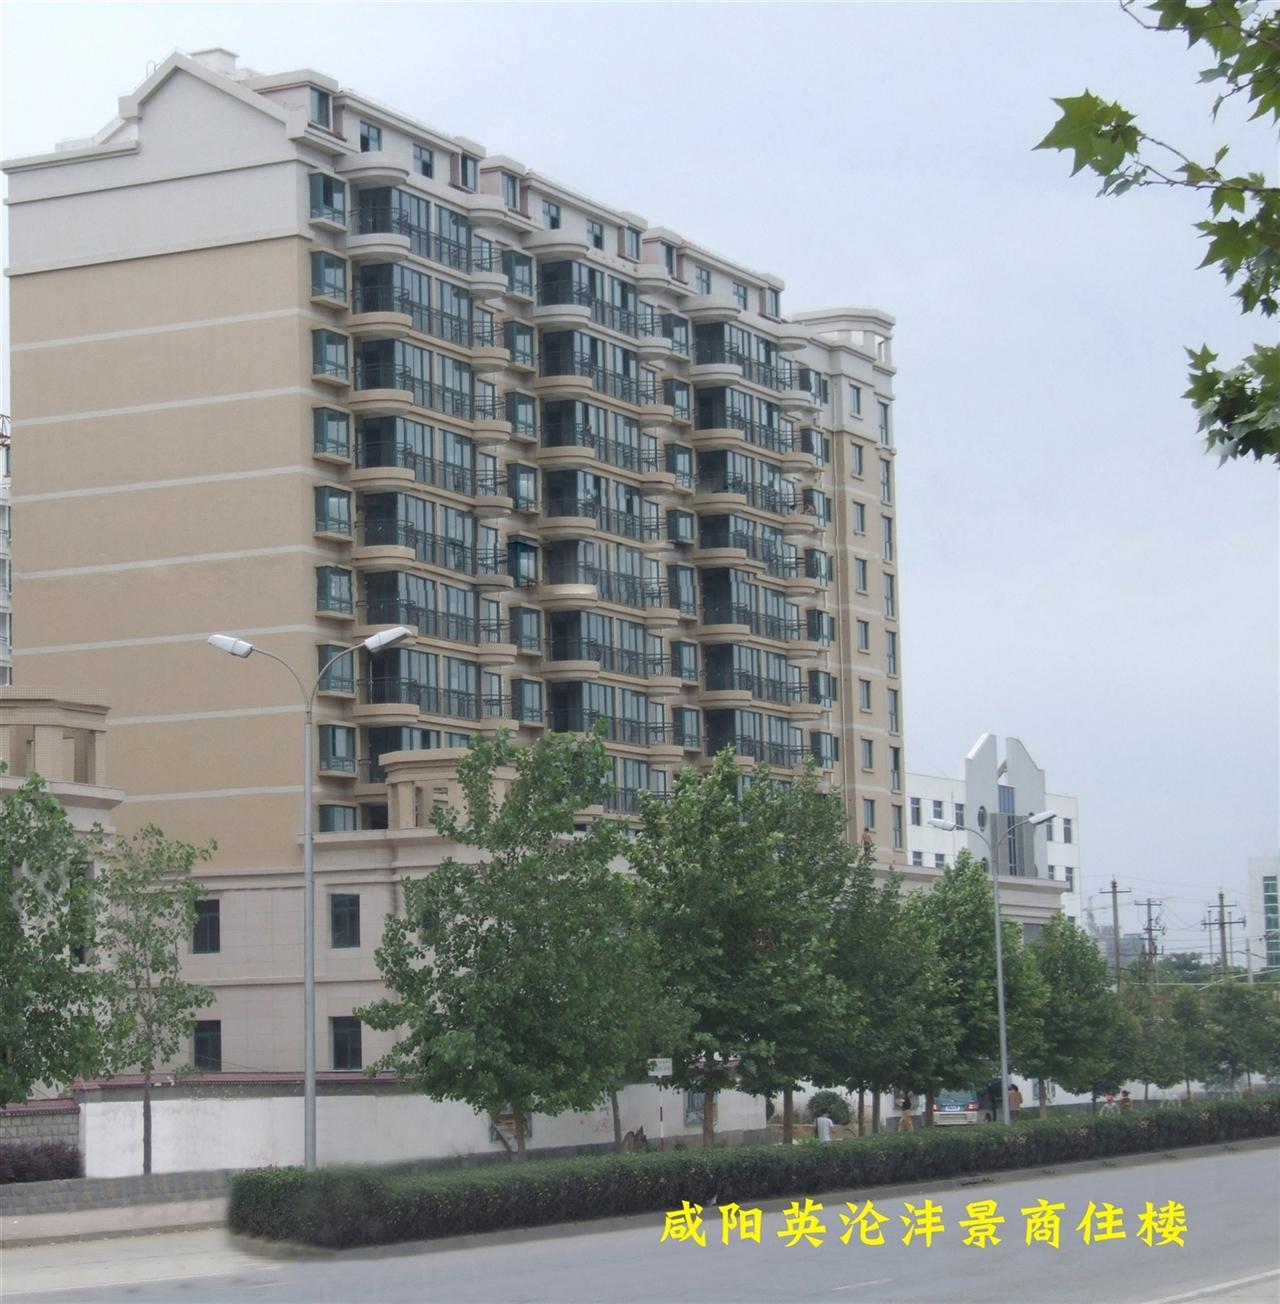 咸阳英伦沣景商住楼工程